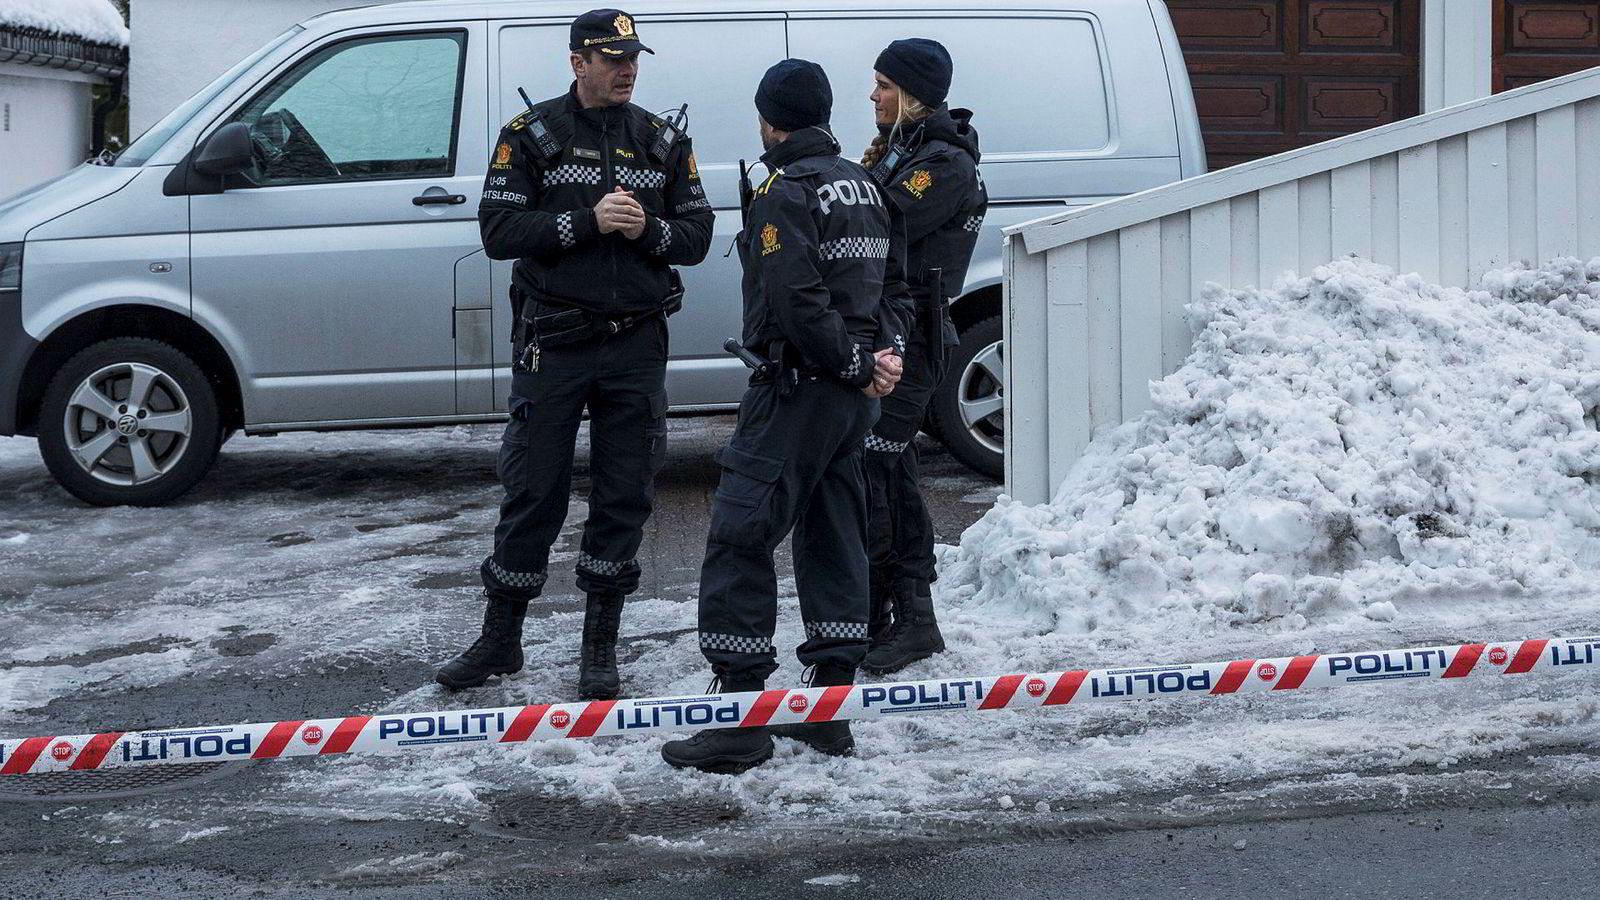 Politiet aksjonerte mot boligen til justisminister Tor Mikkel Wara torsdag ettermiddag.